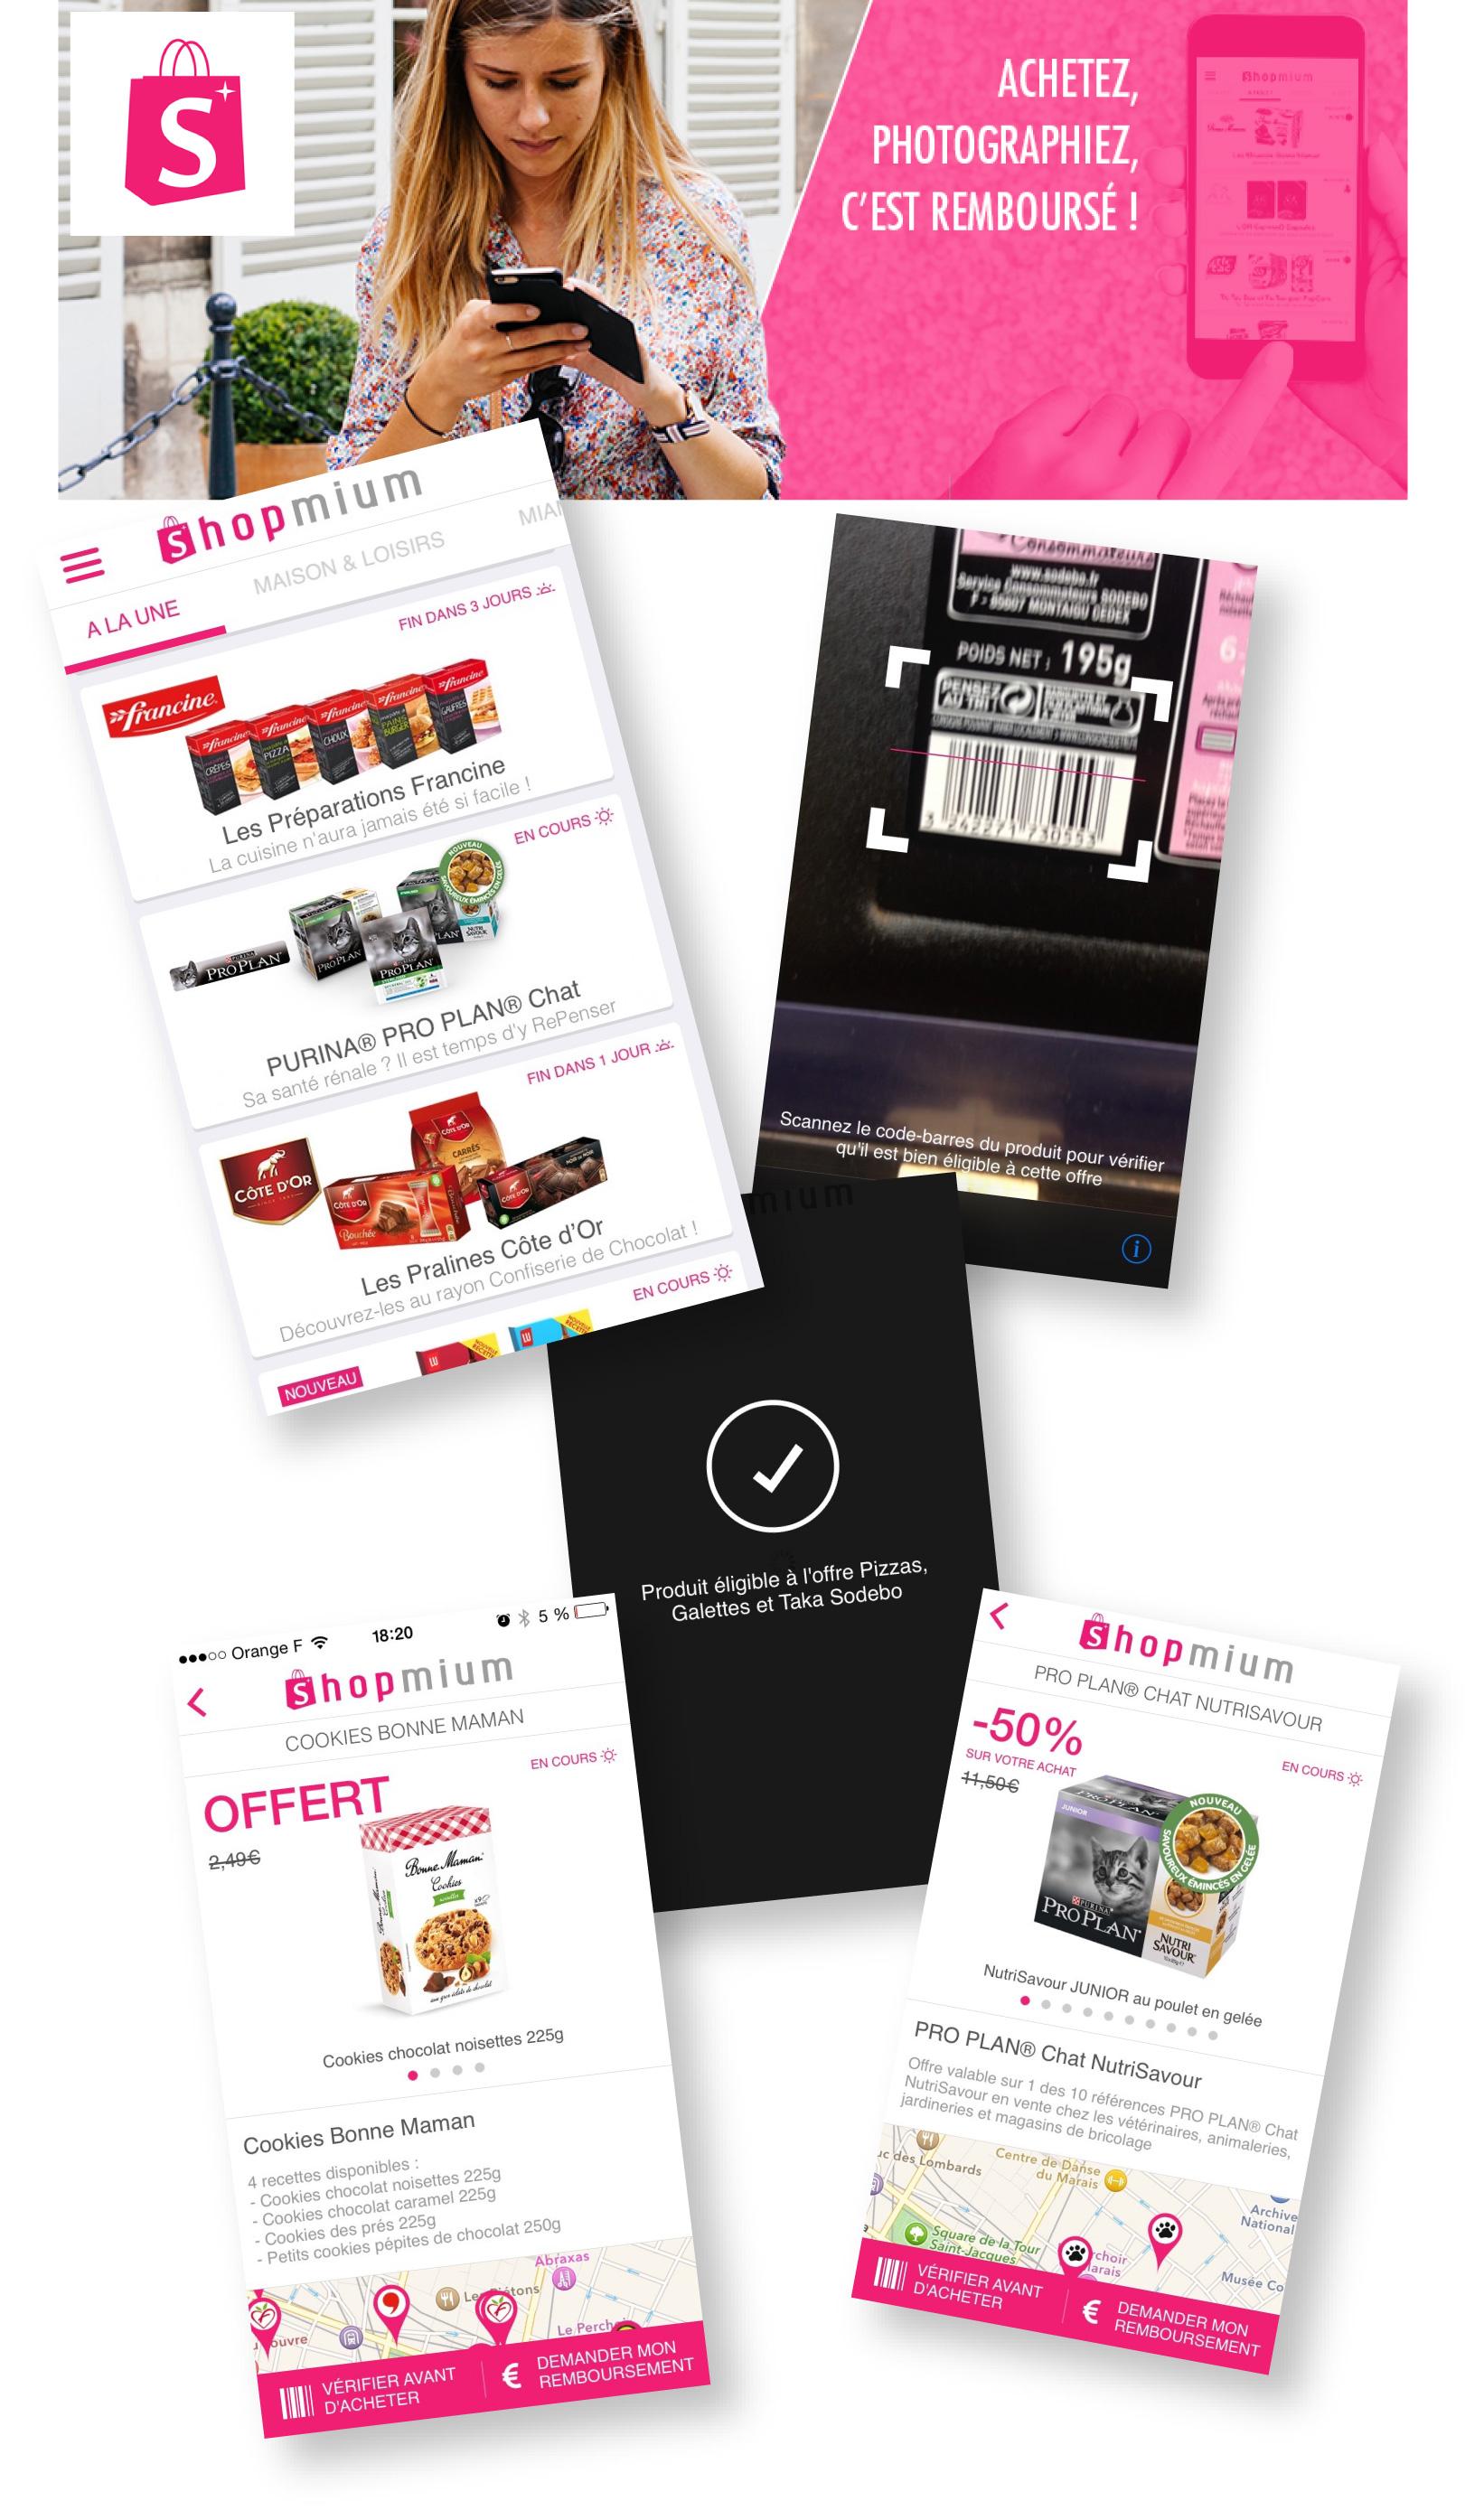 shopmium l 39 appli course qui te fait gagner de l 39 argent cadeau pour vous tous allo maman. Black Bedroom Furniture Sets. Home Design Ideas